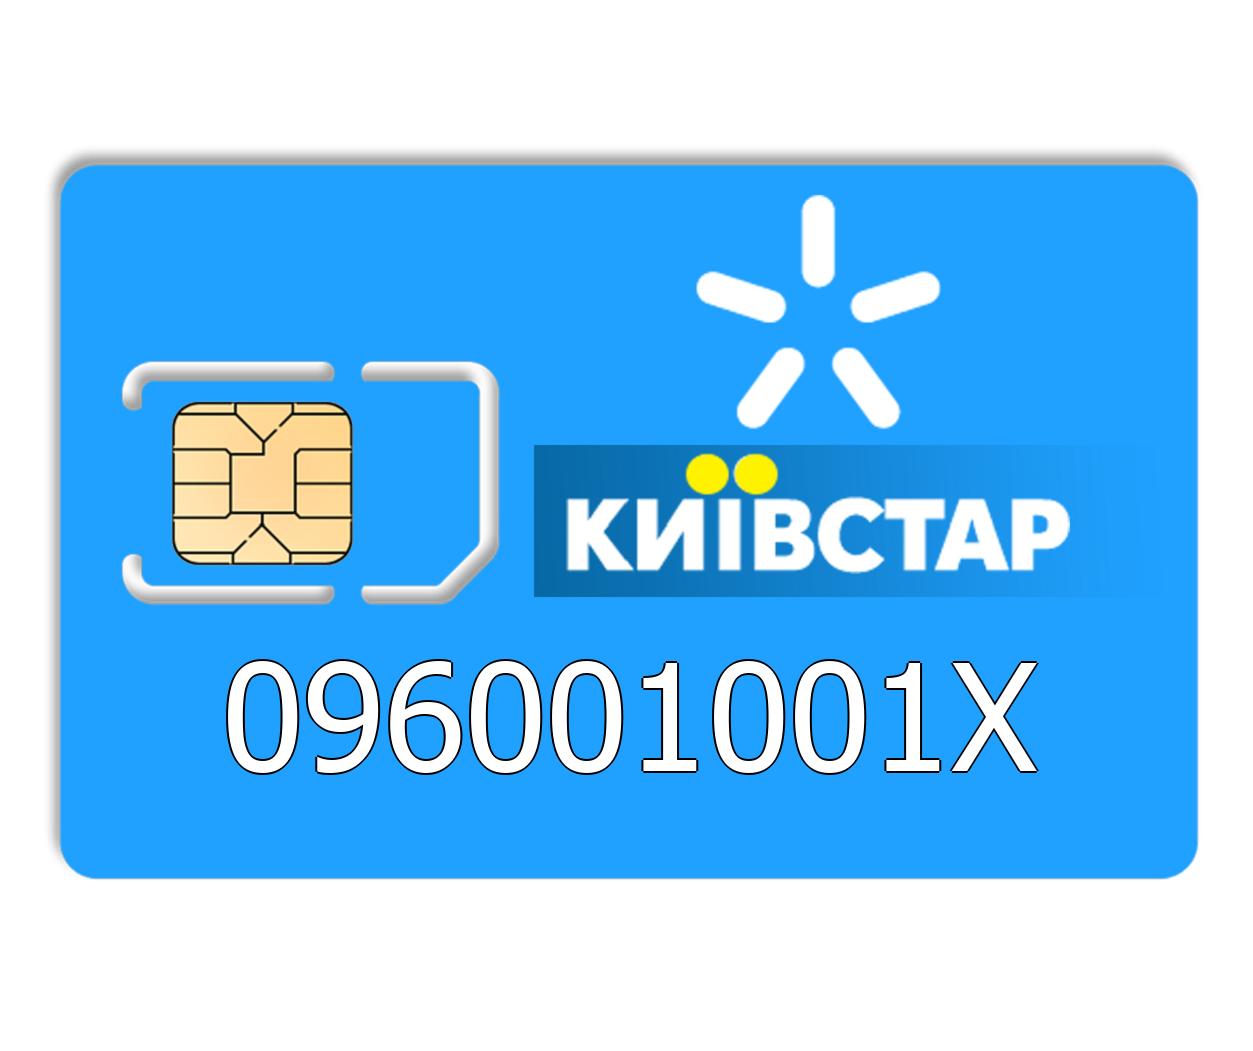 Красивый номер Киевстар 096001001X